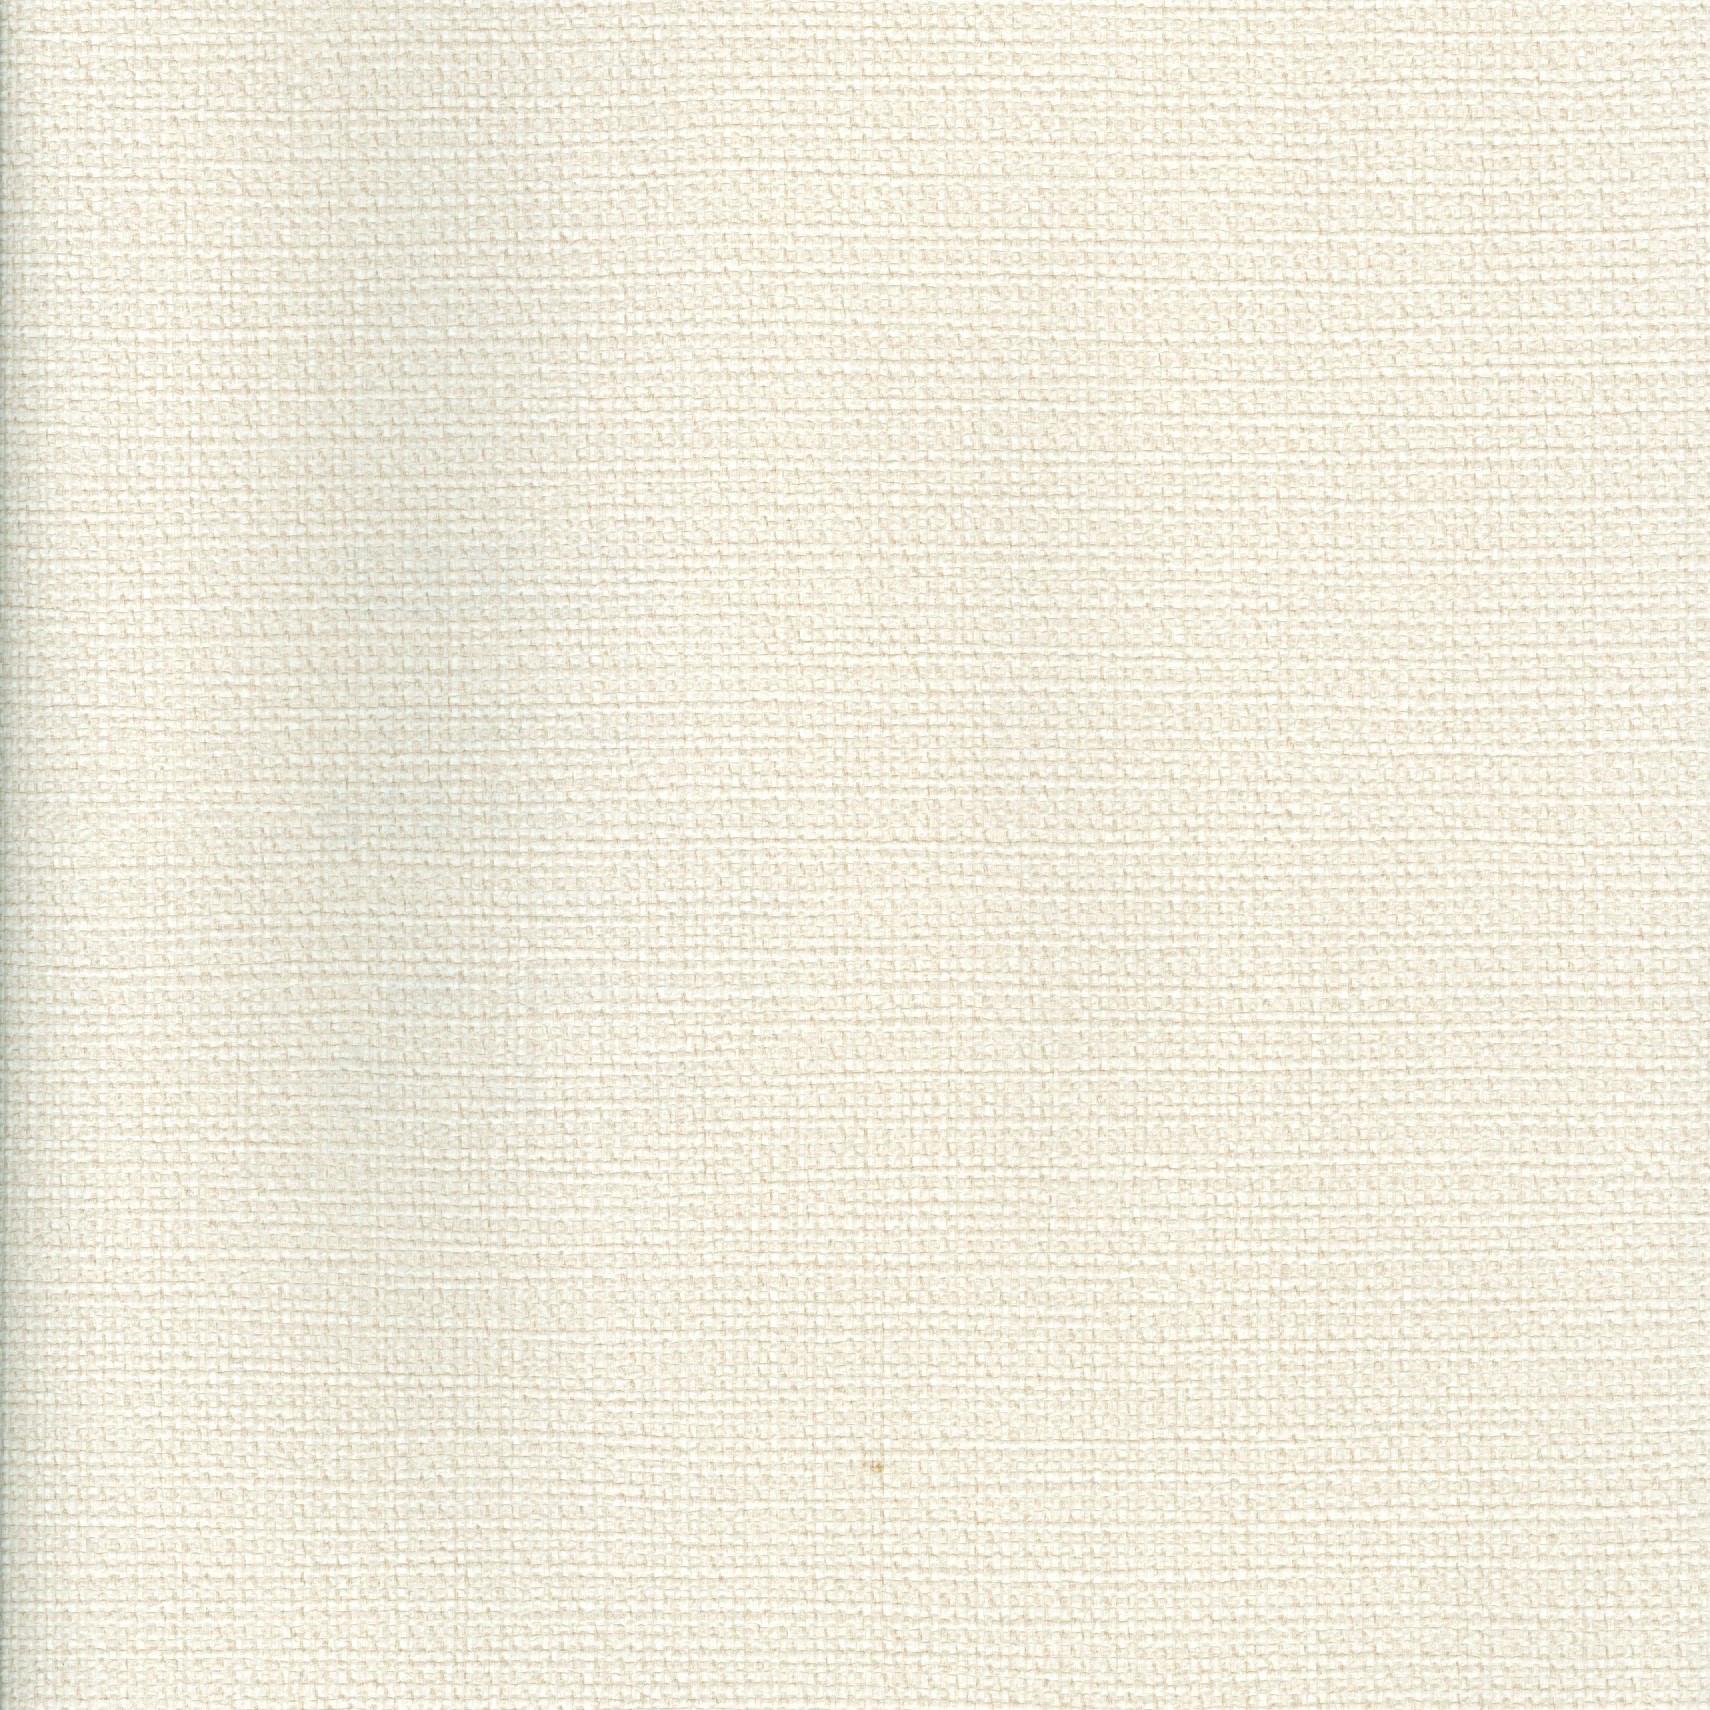 Papel de Parede Pure 2 Tramas Texturado 187416 - Rolo: 10m x 0,53m